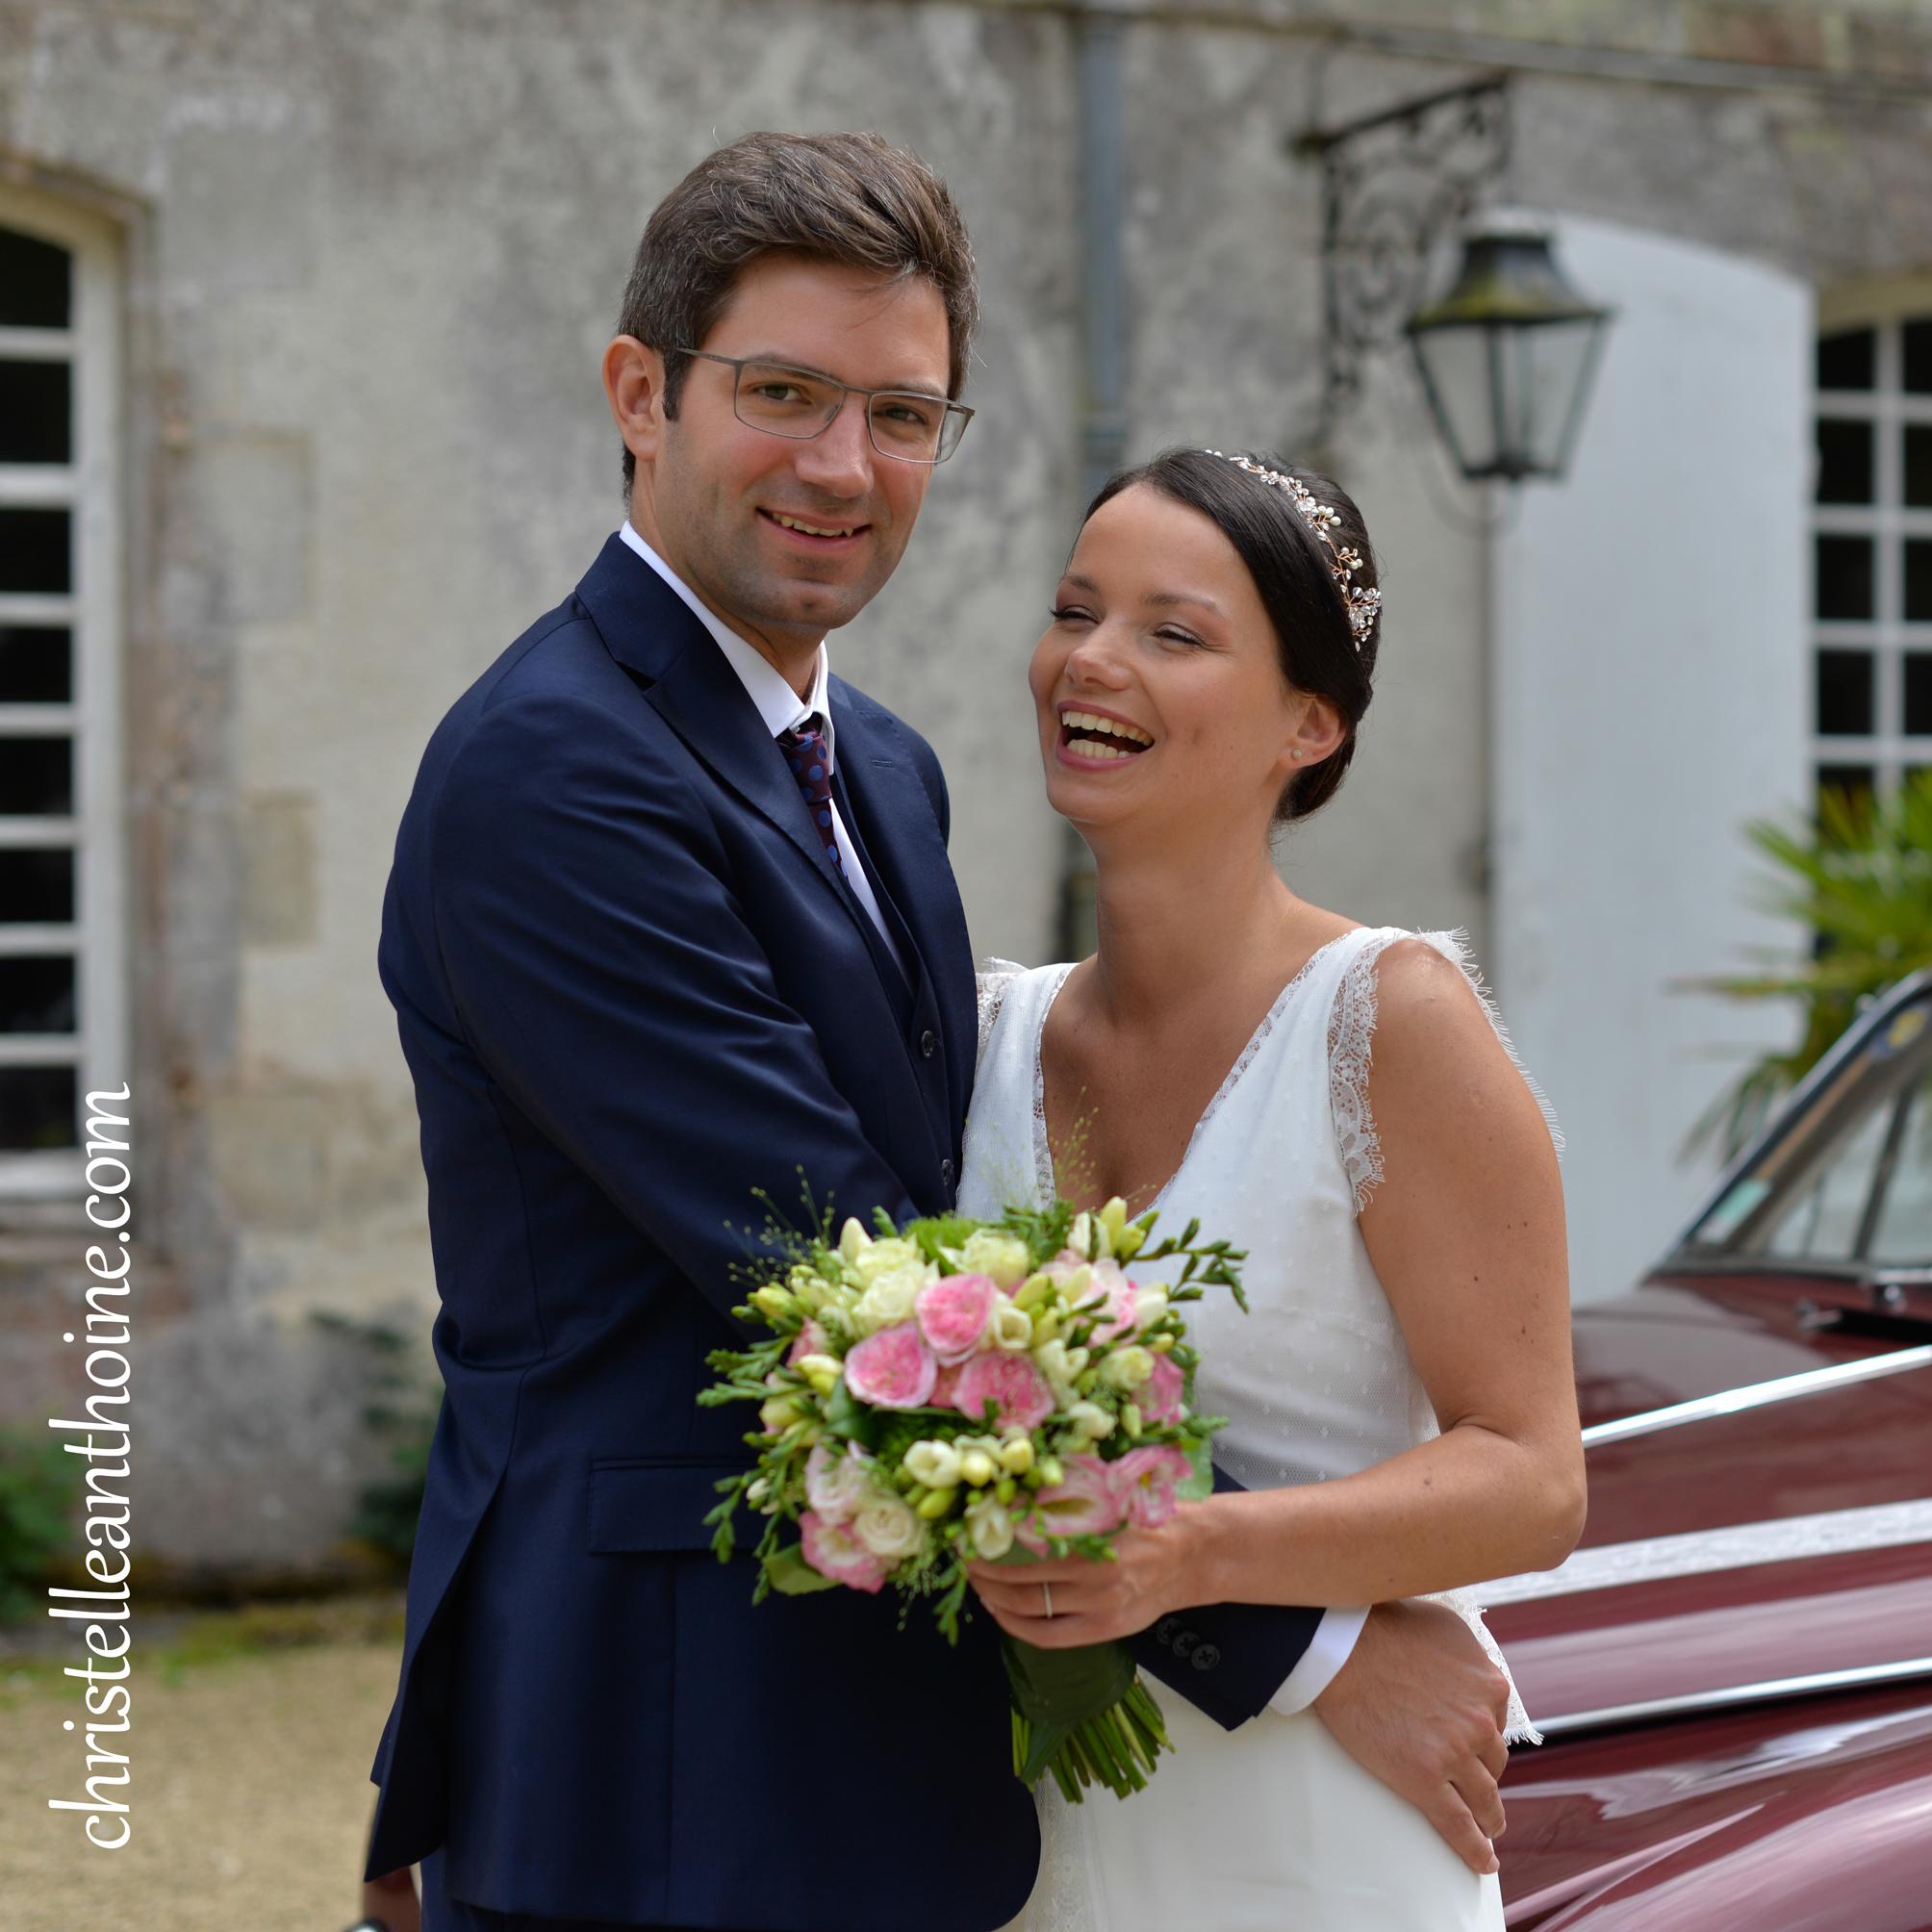 mariage-manoir-de-kerouzien-plomelin-finistere-photographe-bretagne-christelle-anthoine-57